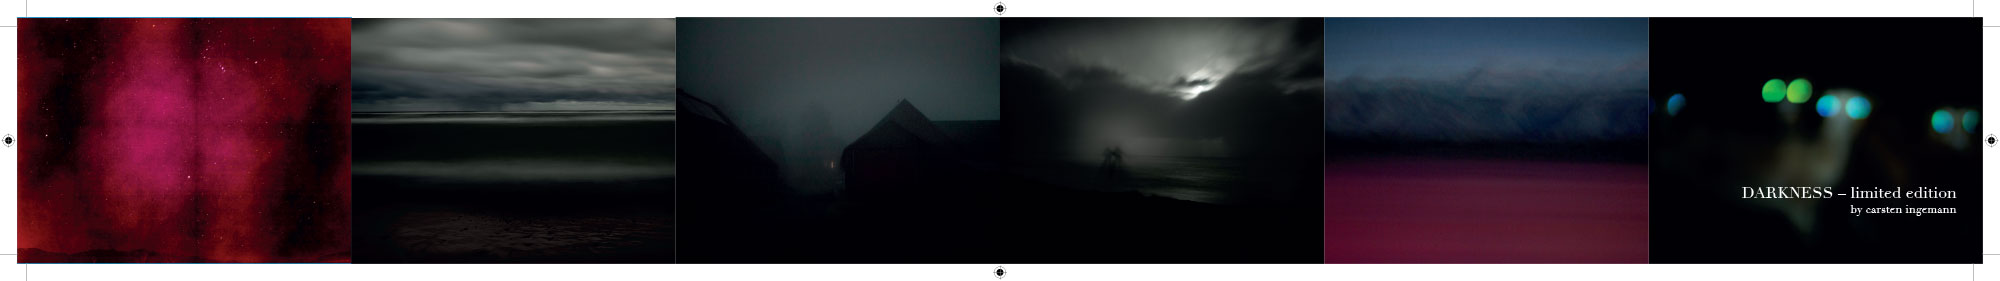 DARKNESS-Carsten-Ingemann-1